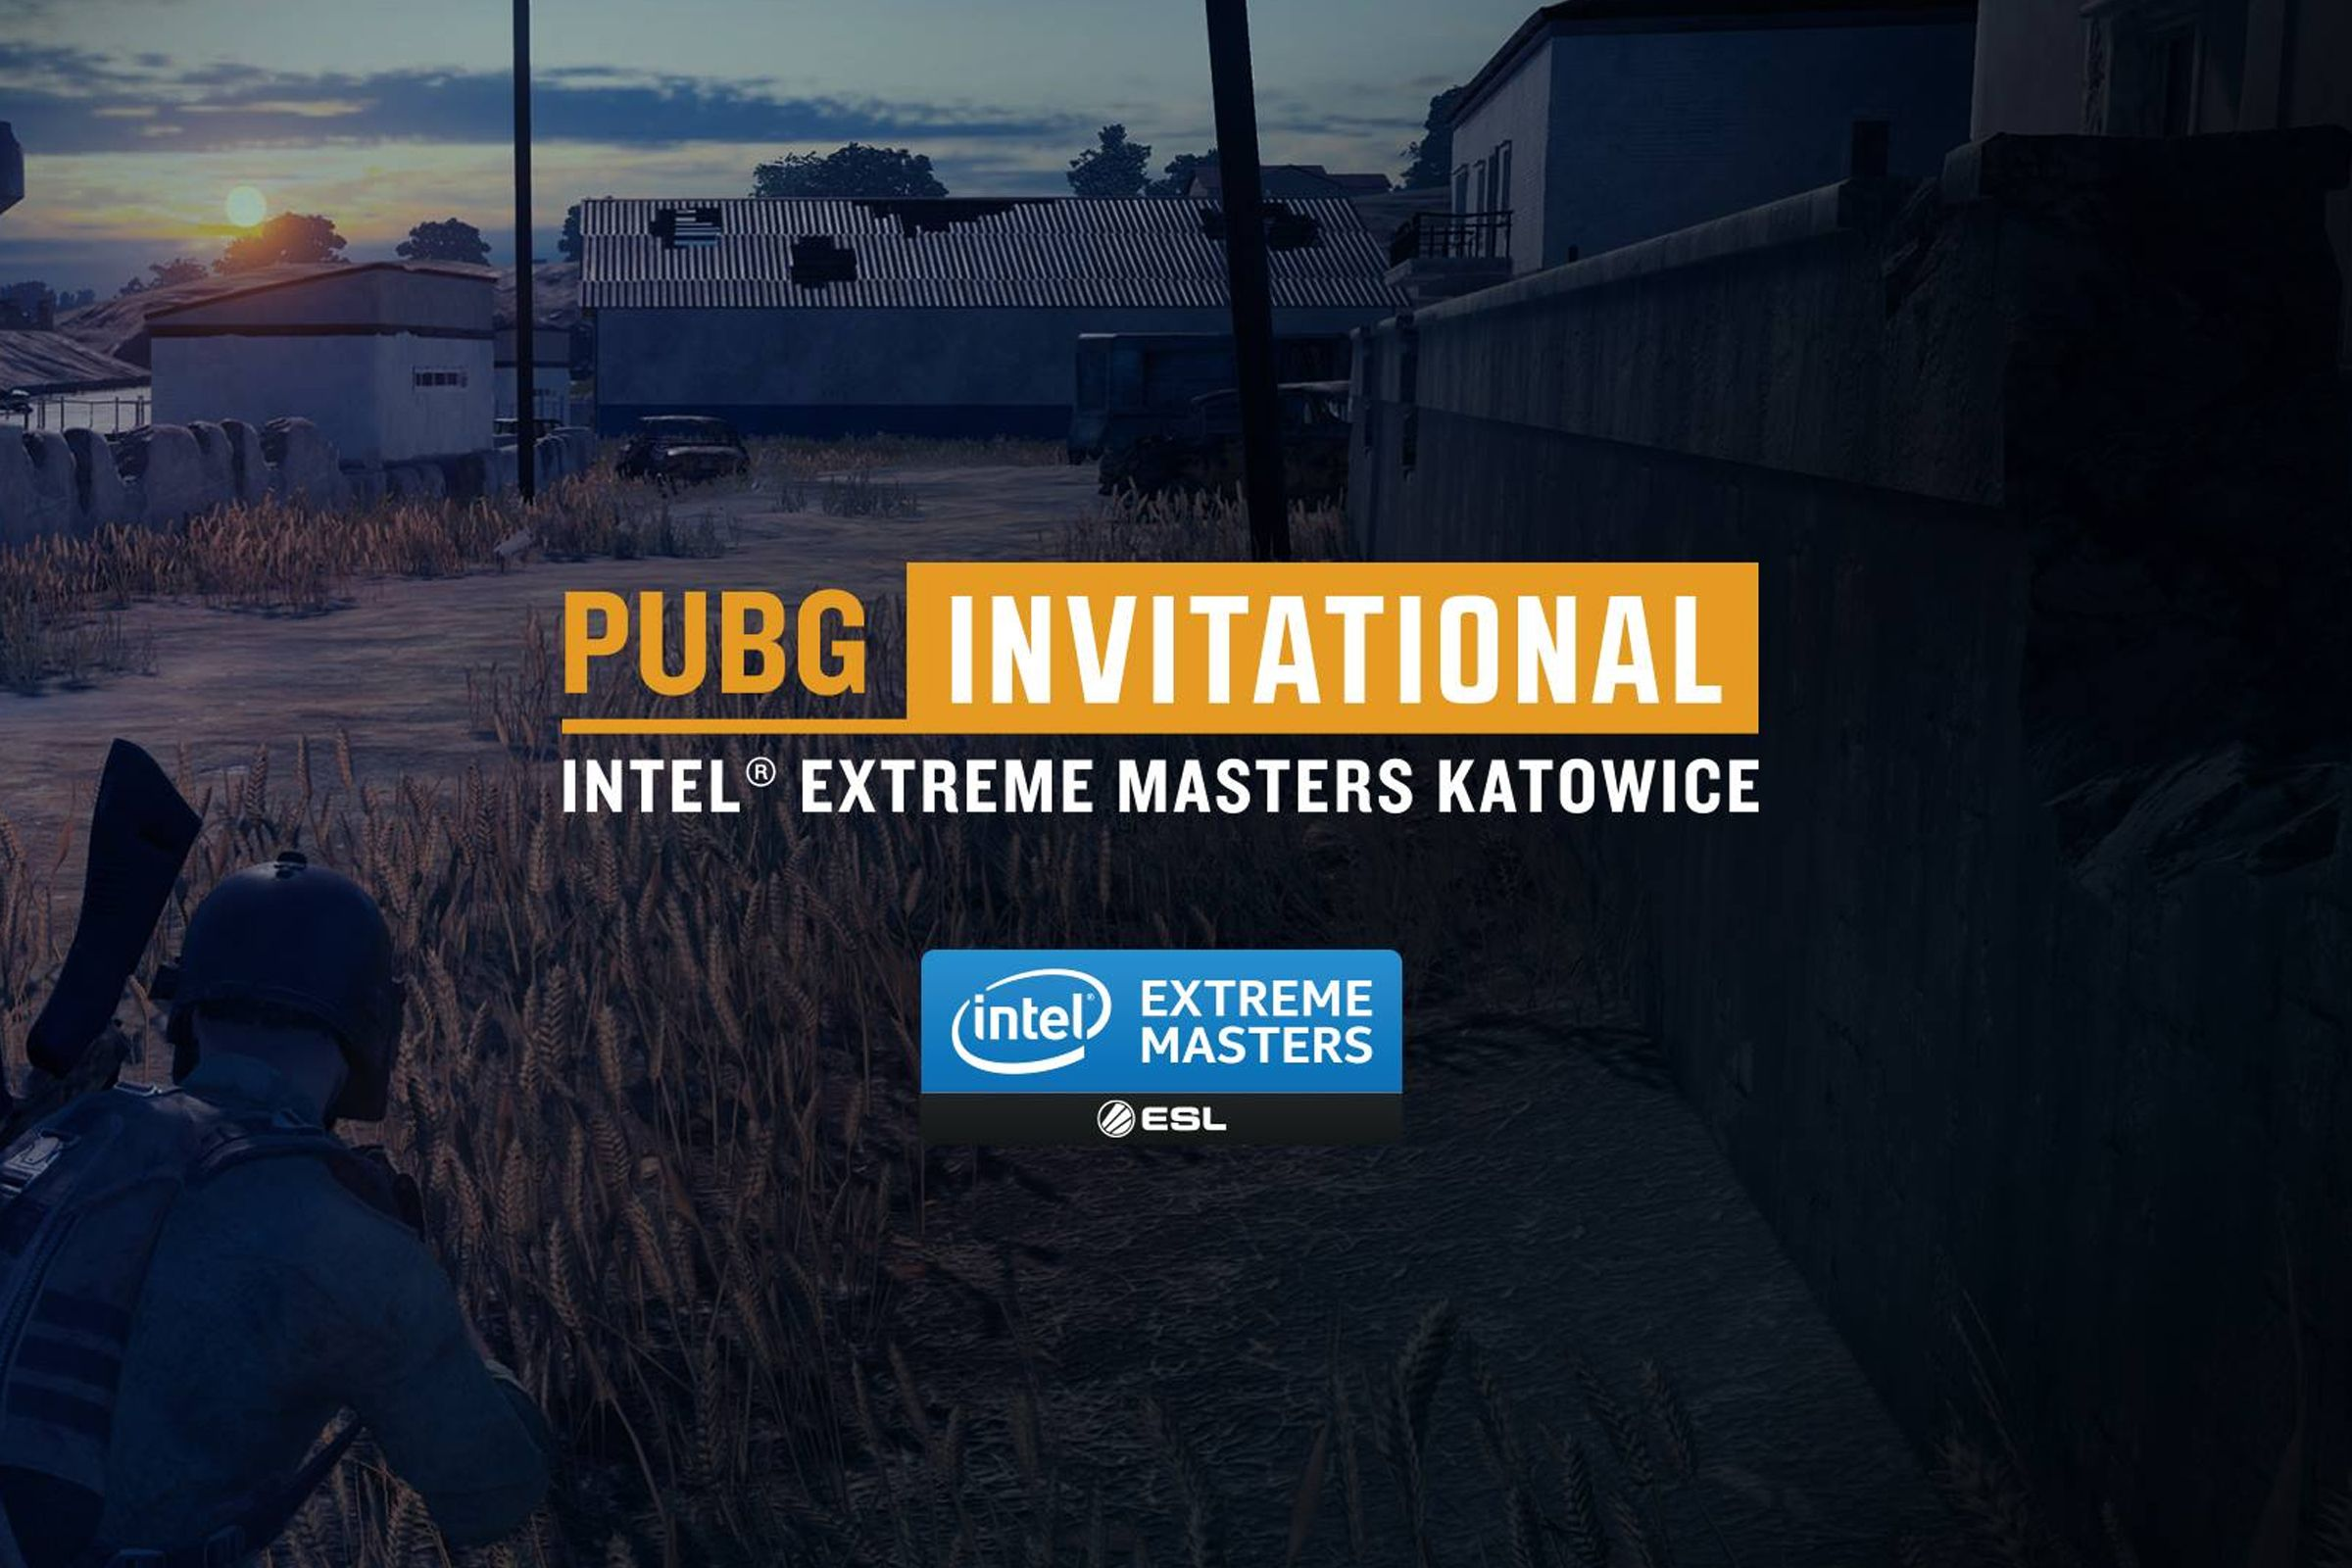 pubg-invitational